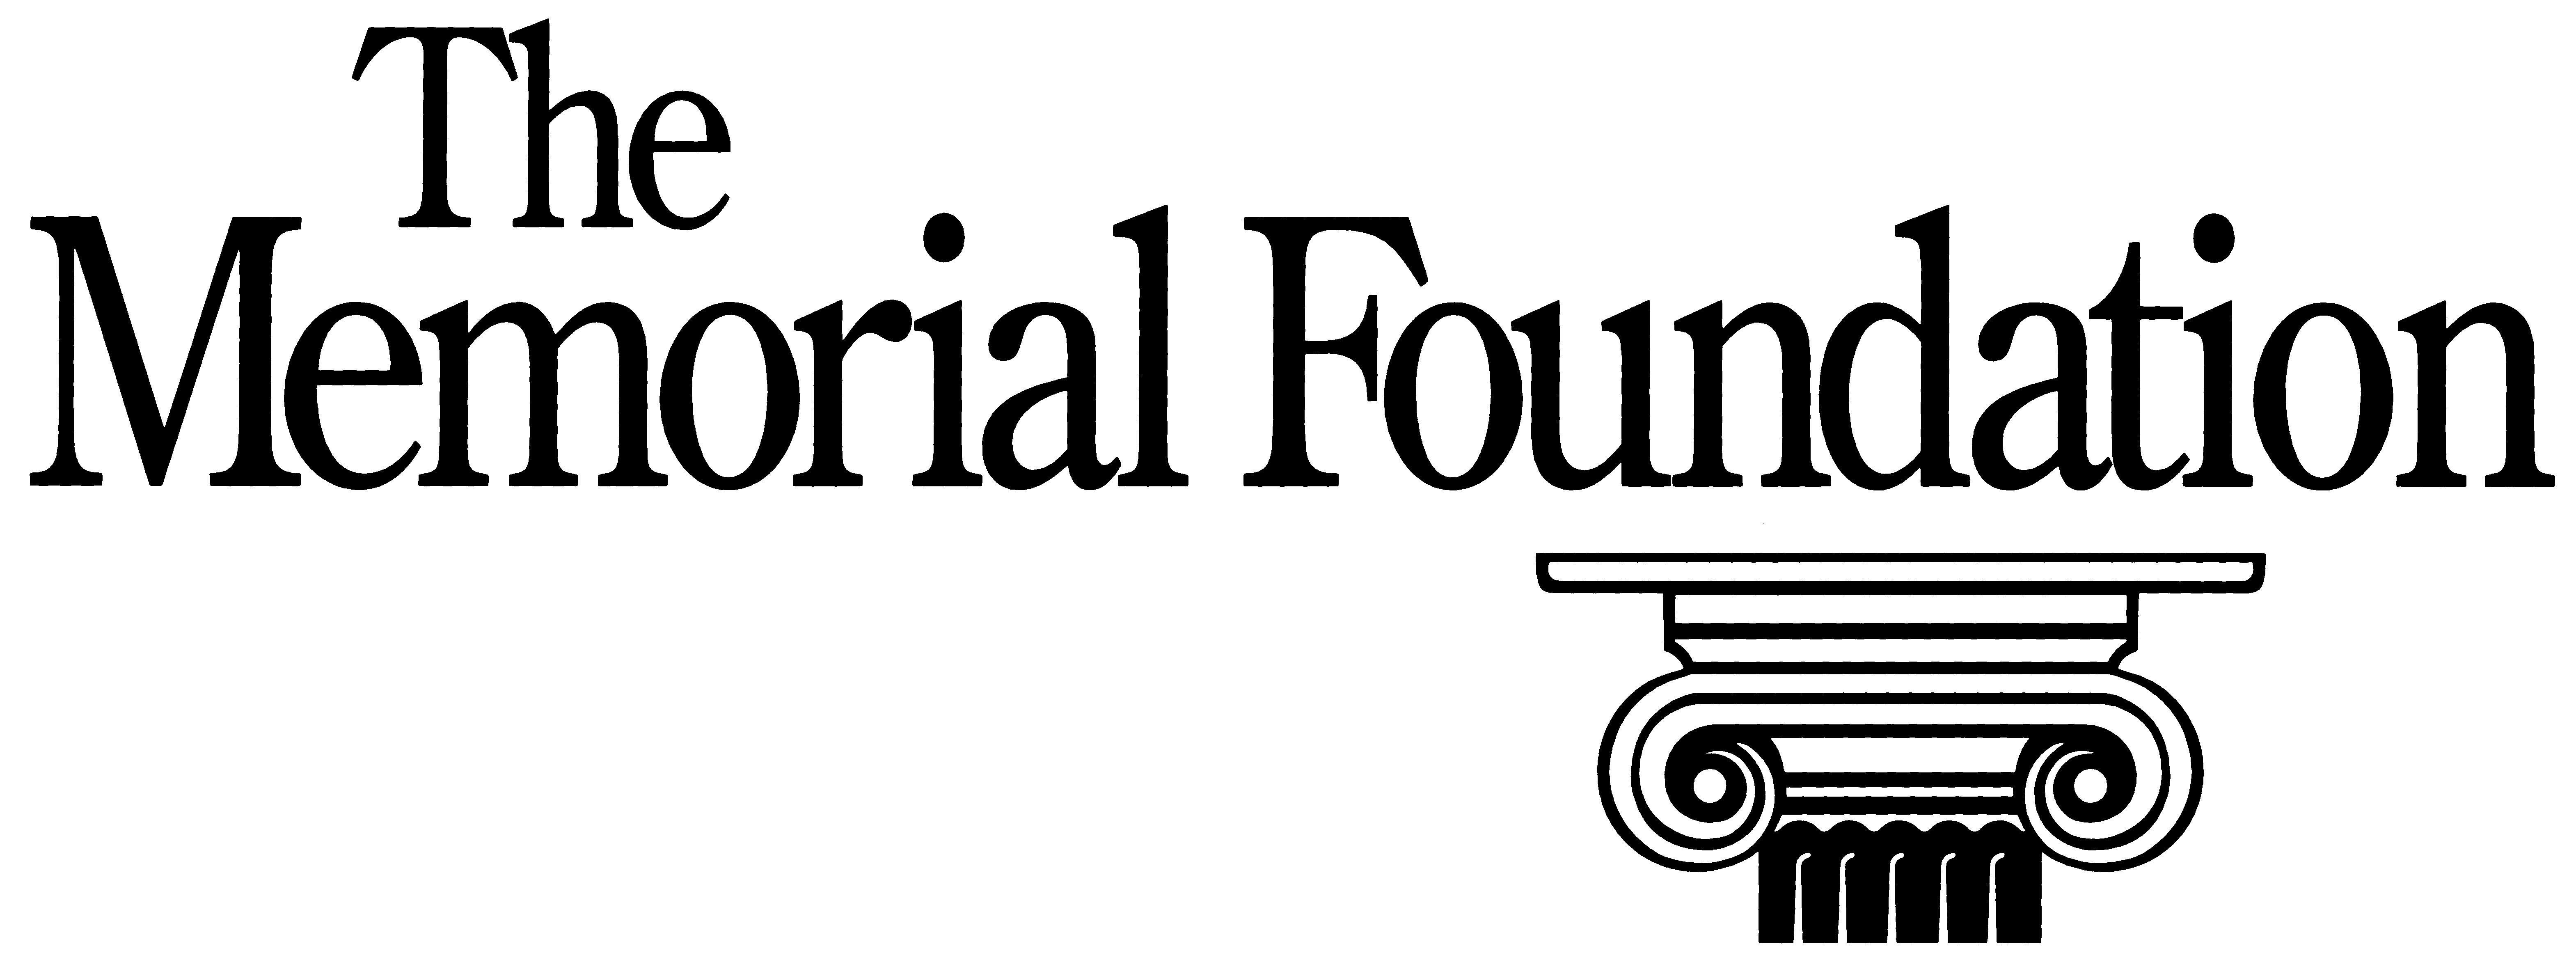 Memorial Foundation